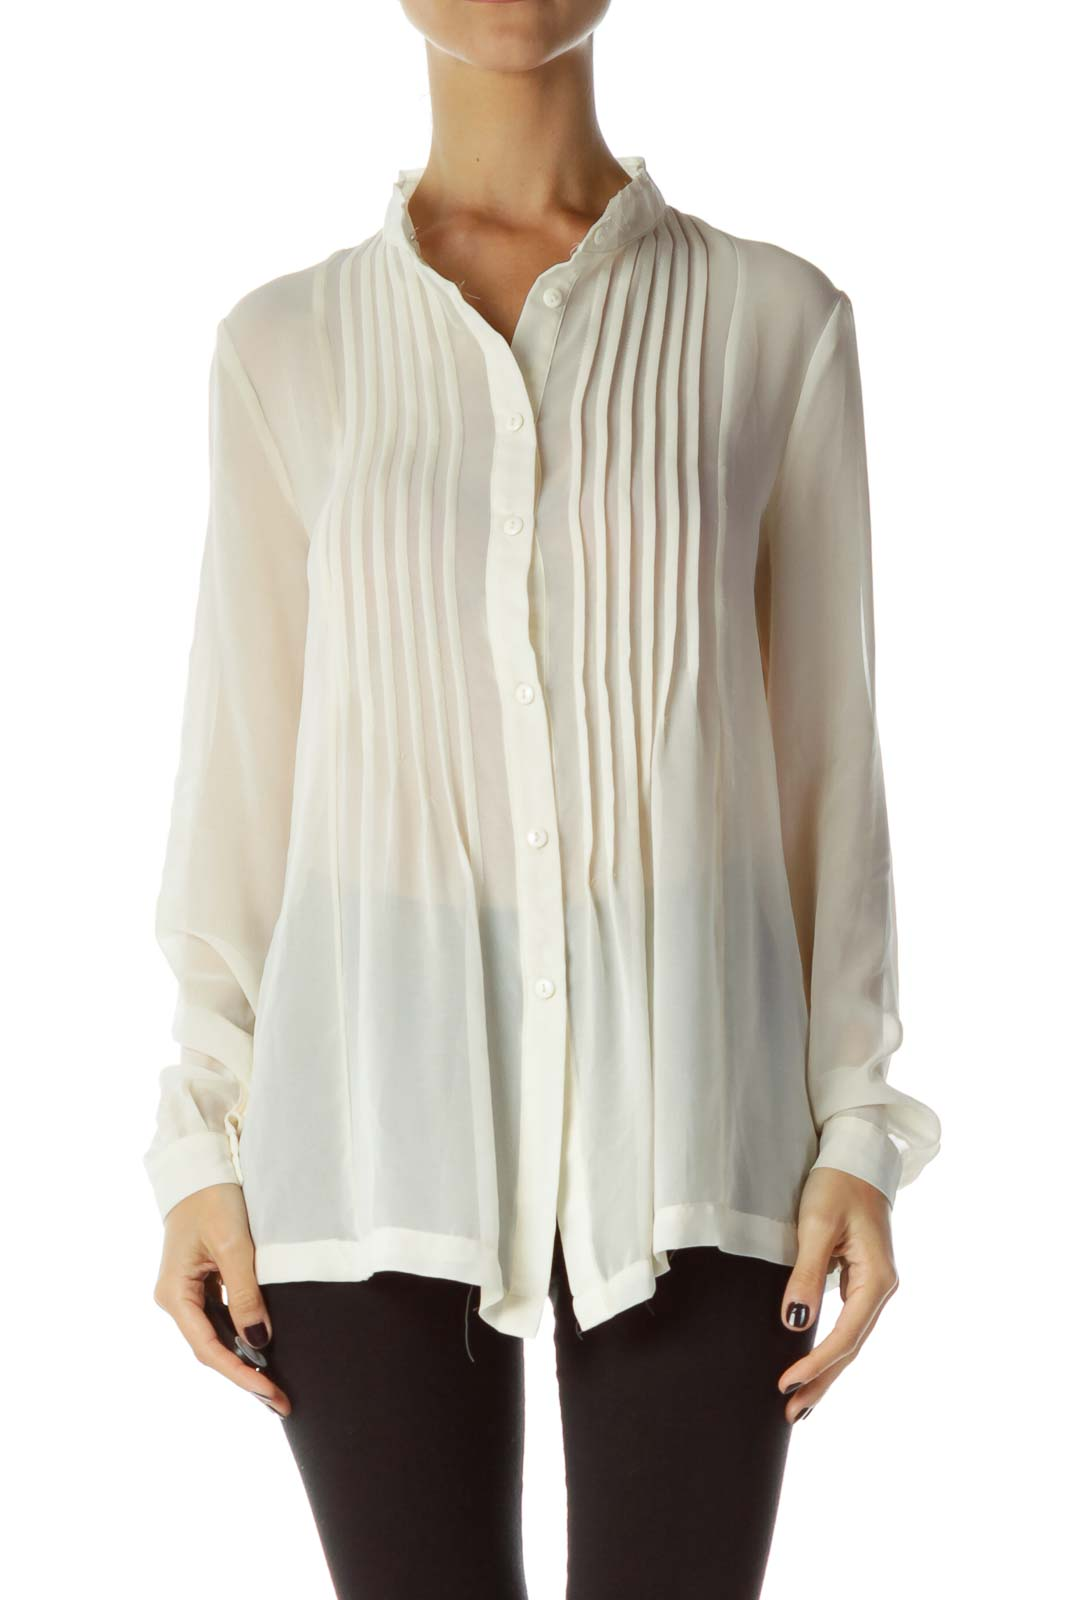 Cream Sheer Button Up Shirt